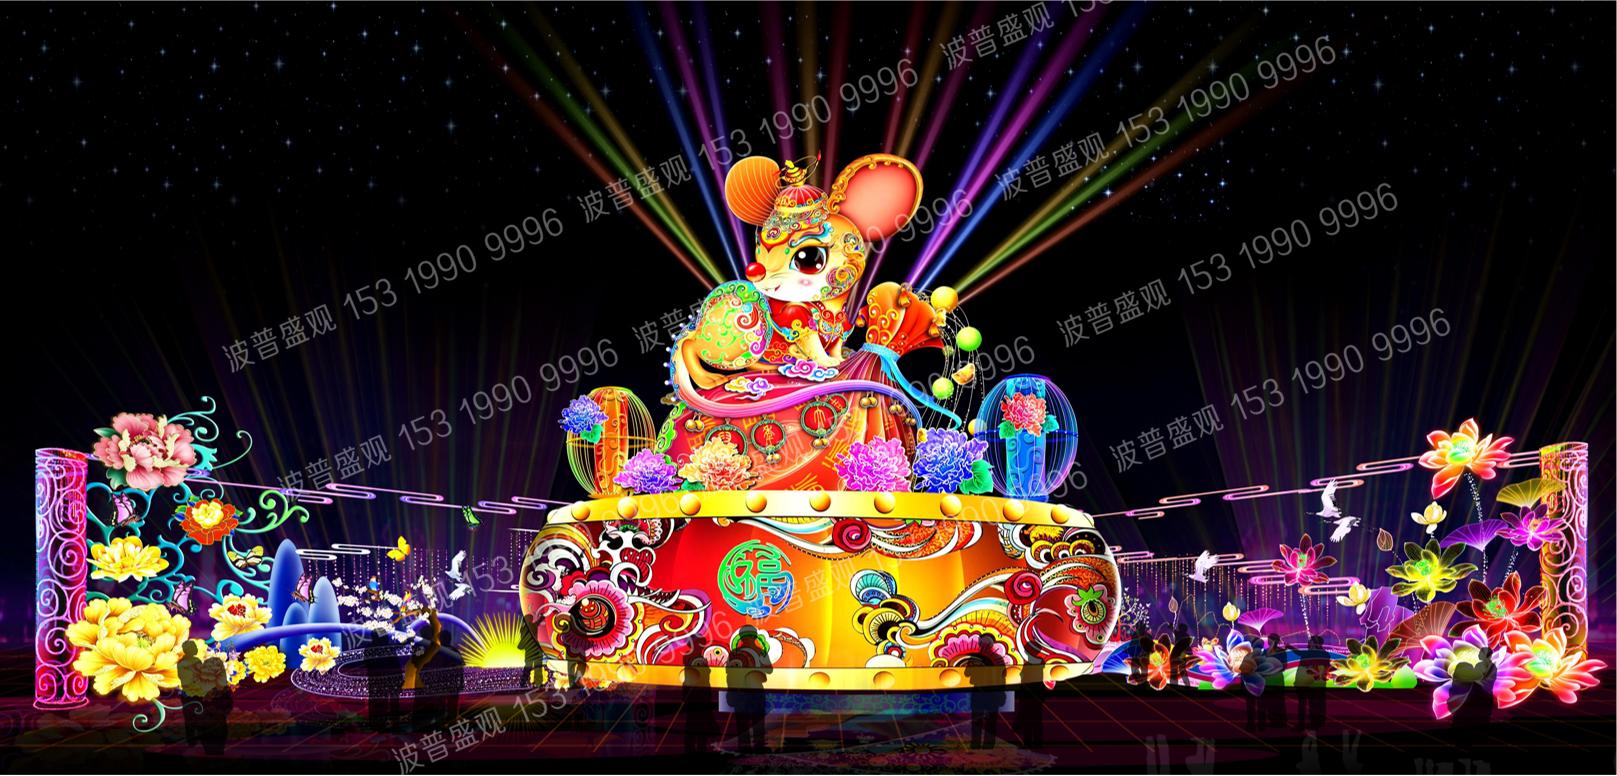 2020年大荔同洲湖景区彩灯制作 02鼠年送 福(大 型灯组).jpg.jpg